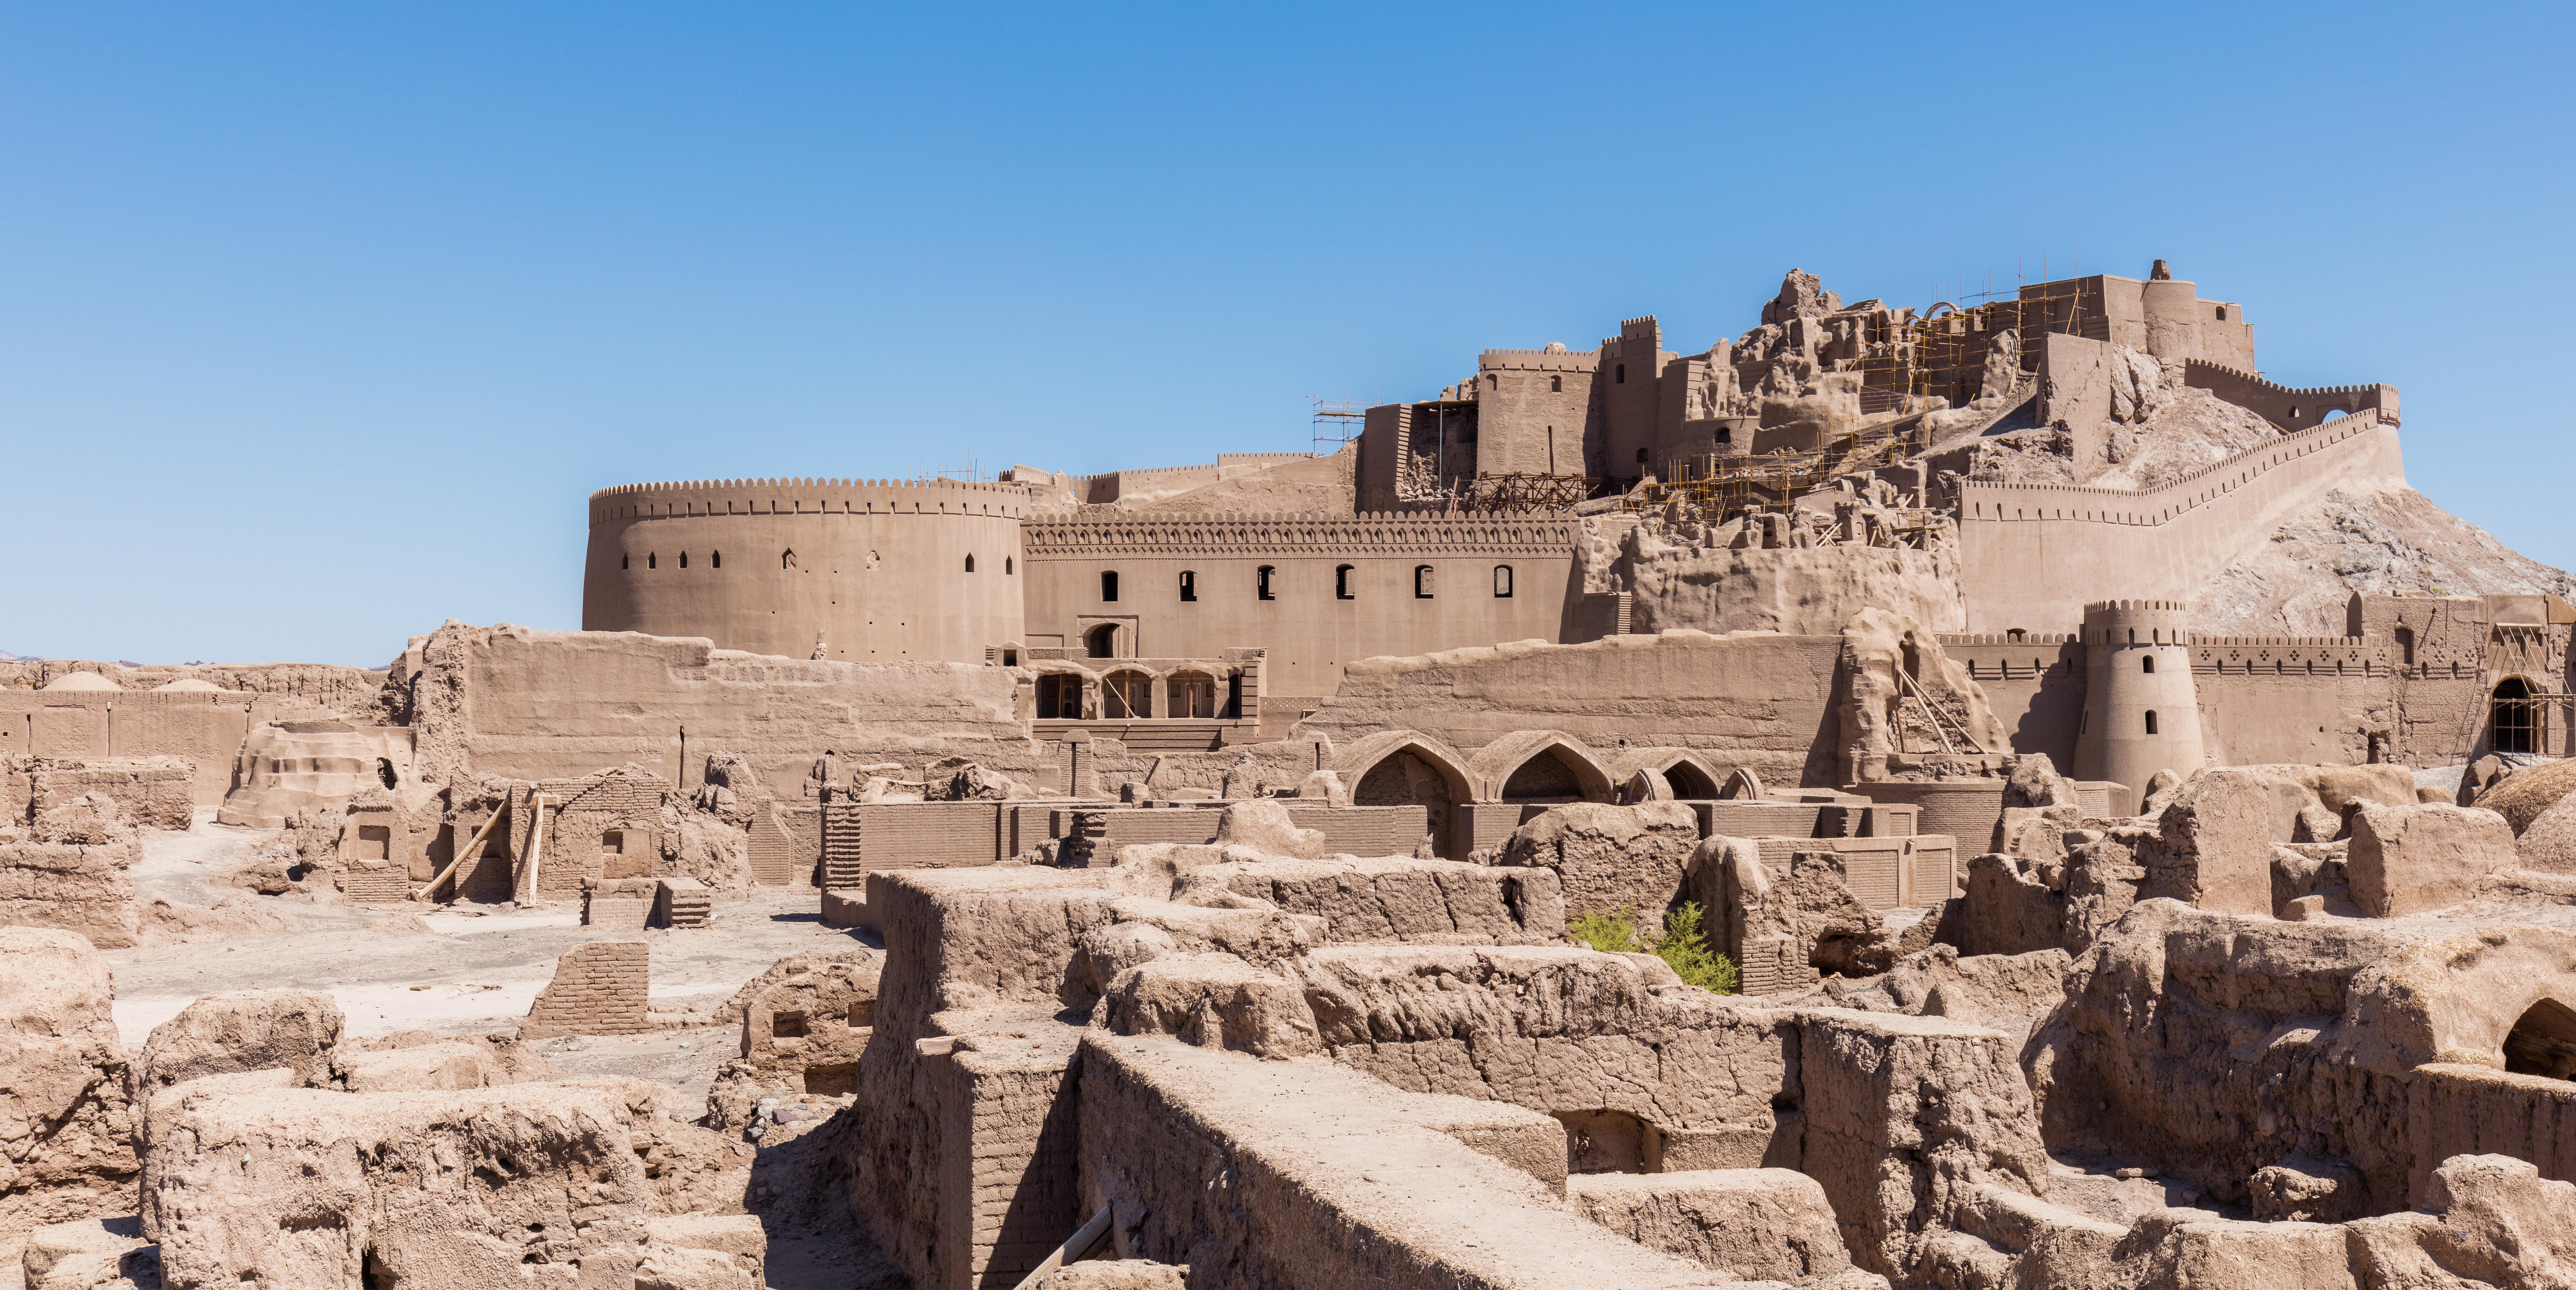 La citadelle d'Arg-é Bam, l'un des plus beaux édifices d'Iran ! Par Clément P. Wikimedia